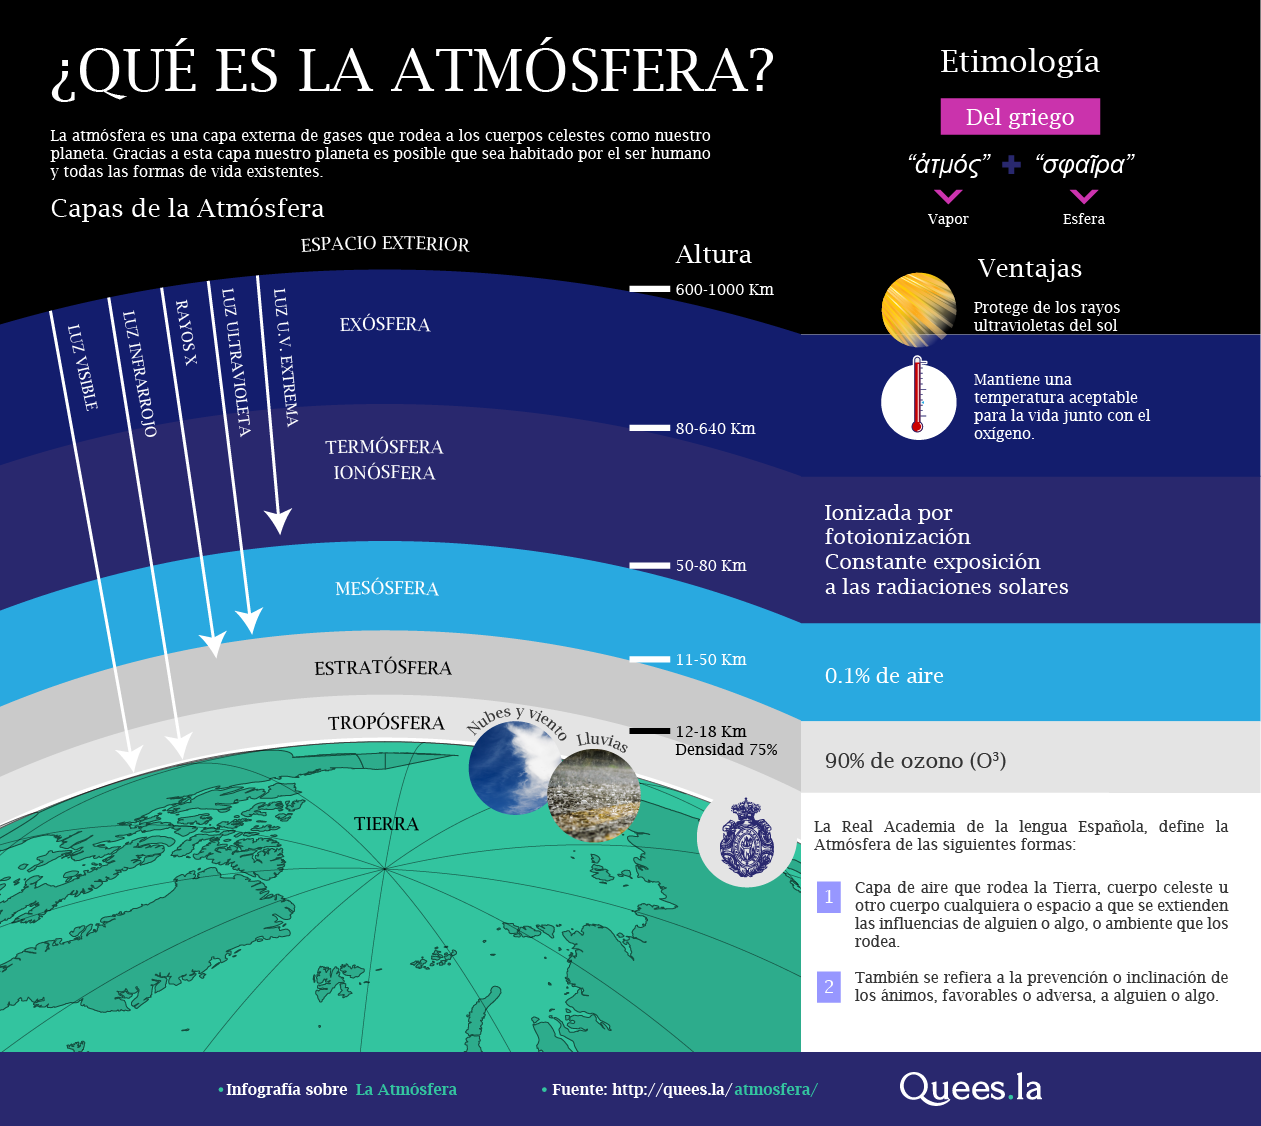 Definición De La Atmosfera Sus Partes Y Ventajas Que Tenemos Los Seres Humanos Gracias A La Atmosfera Science Signs Climate Change Global Warming